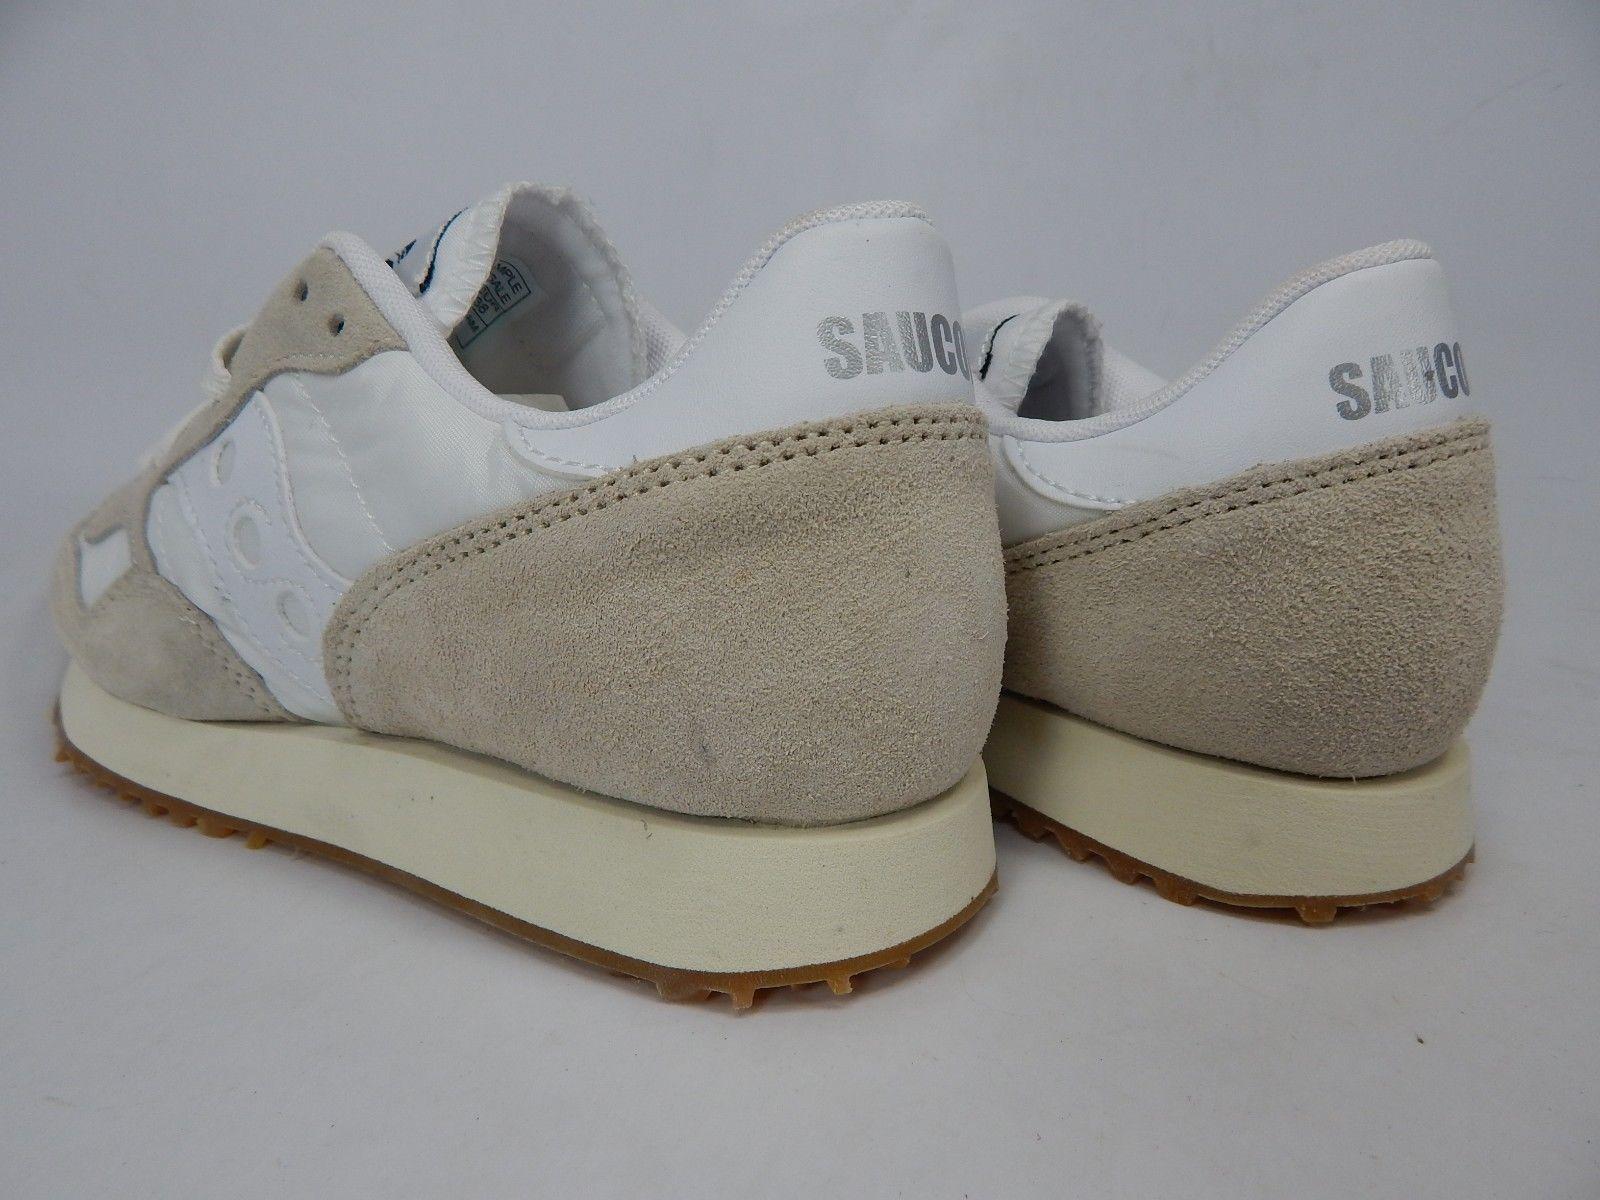 Saucony DXN Trainer Vintage SMU Original S60369-24 Women's Shoes Size 7 M EU 38